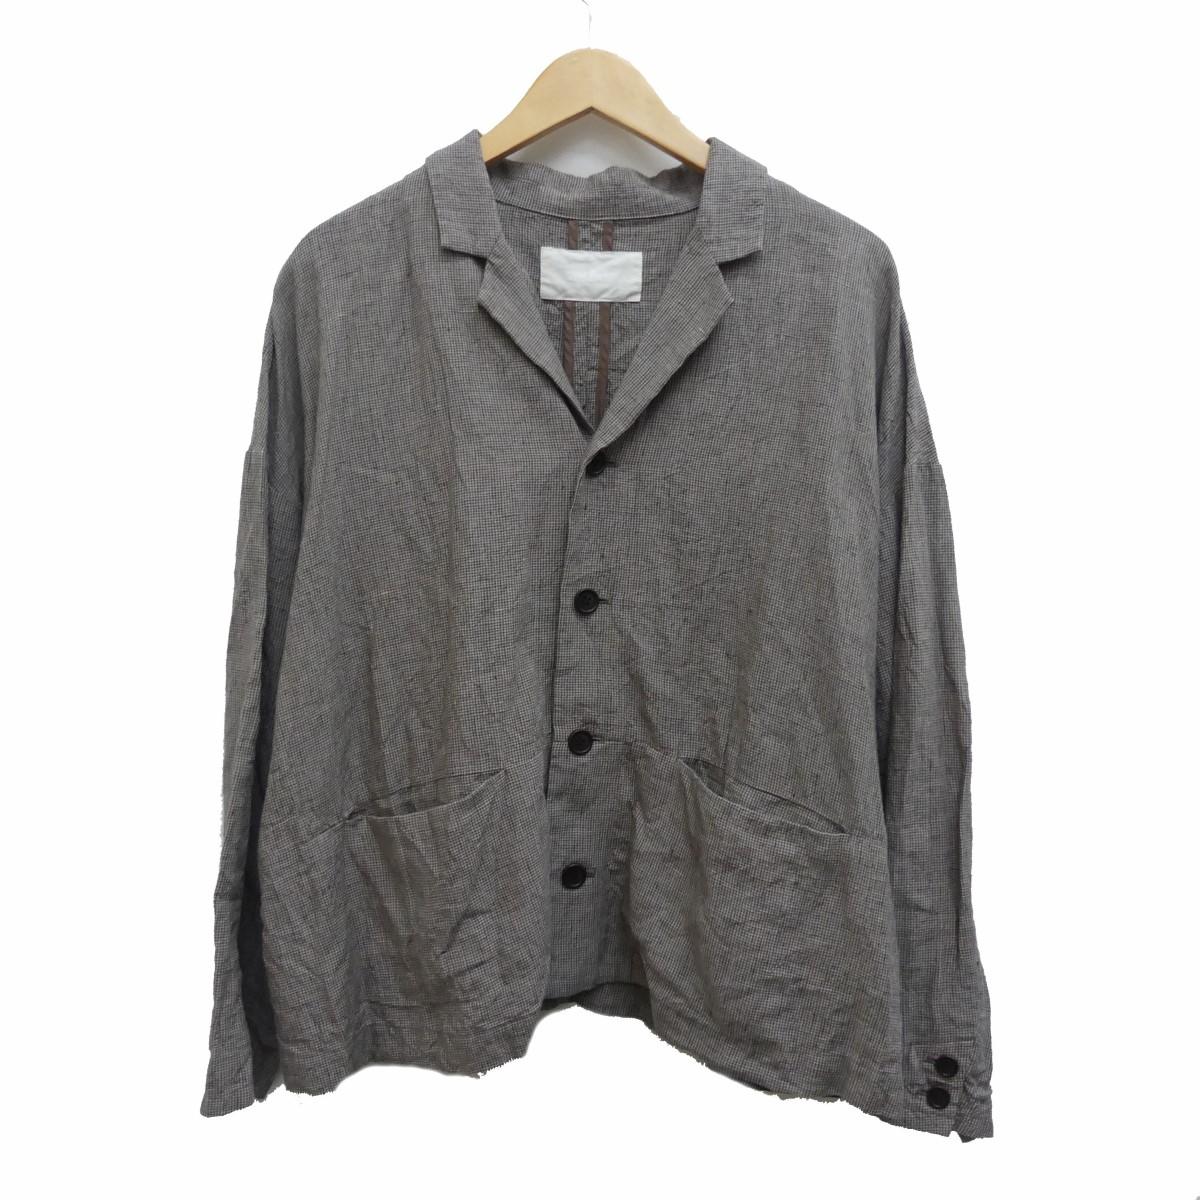 【中古】nest Robe 20SS リネン千鳥柄ジャケット ブラウンベージュ サイズ:Free 【220320】(ネストローブ)